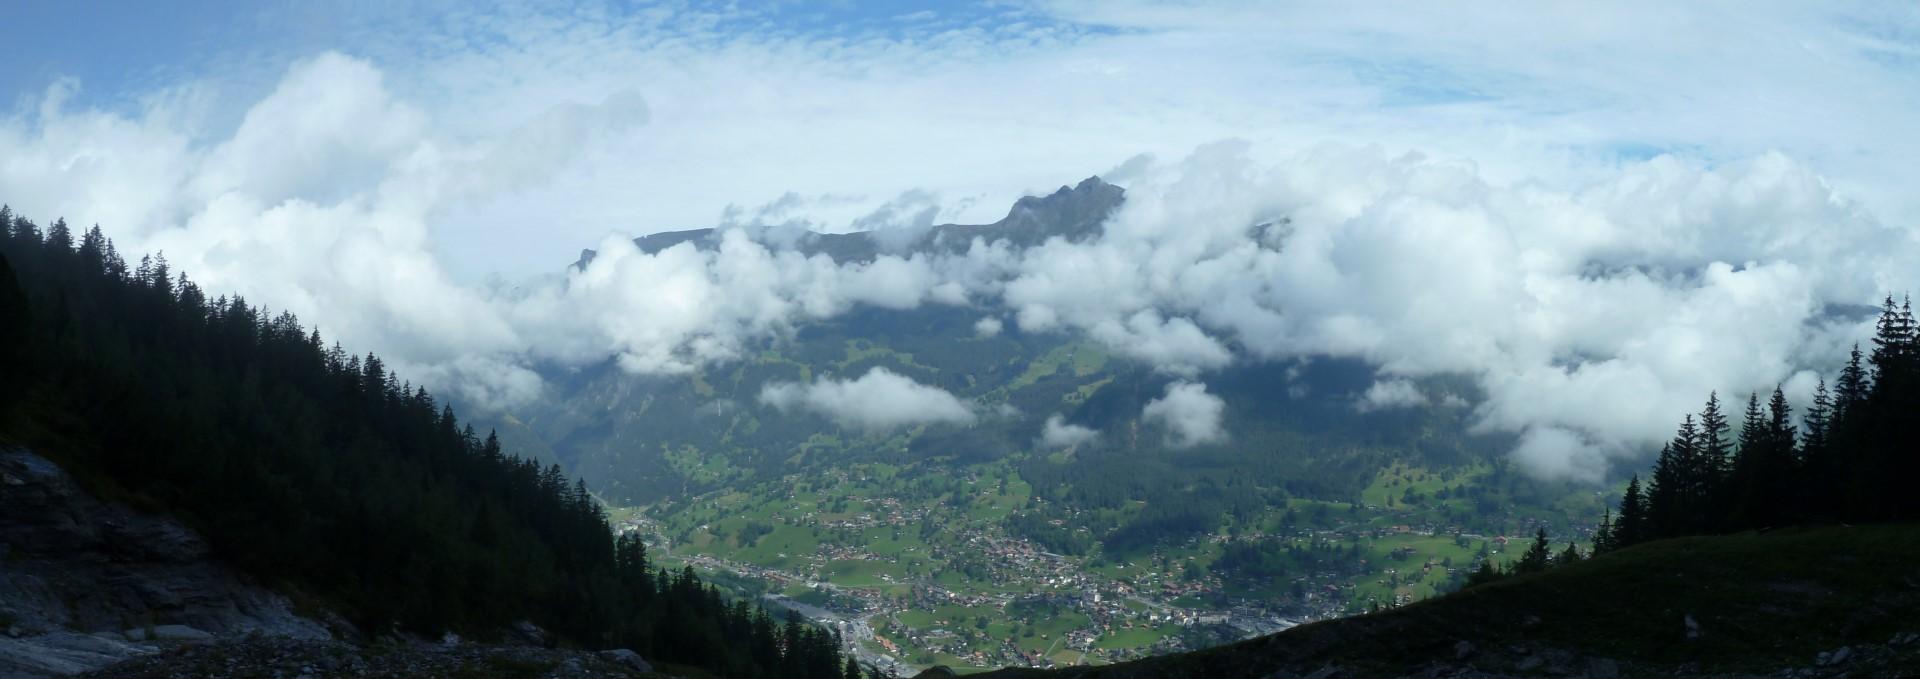 Klettersteige Grindelwald (74)